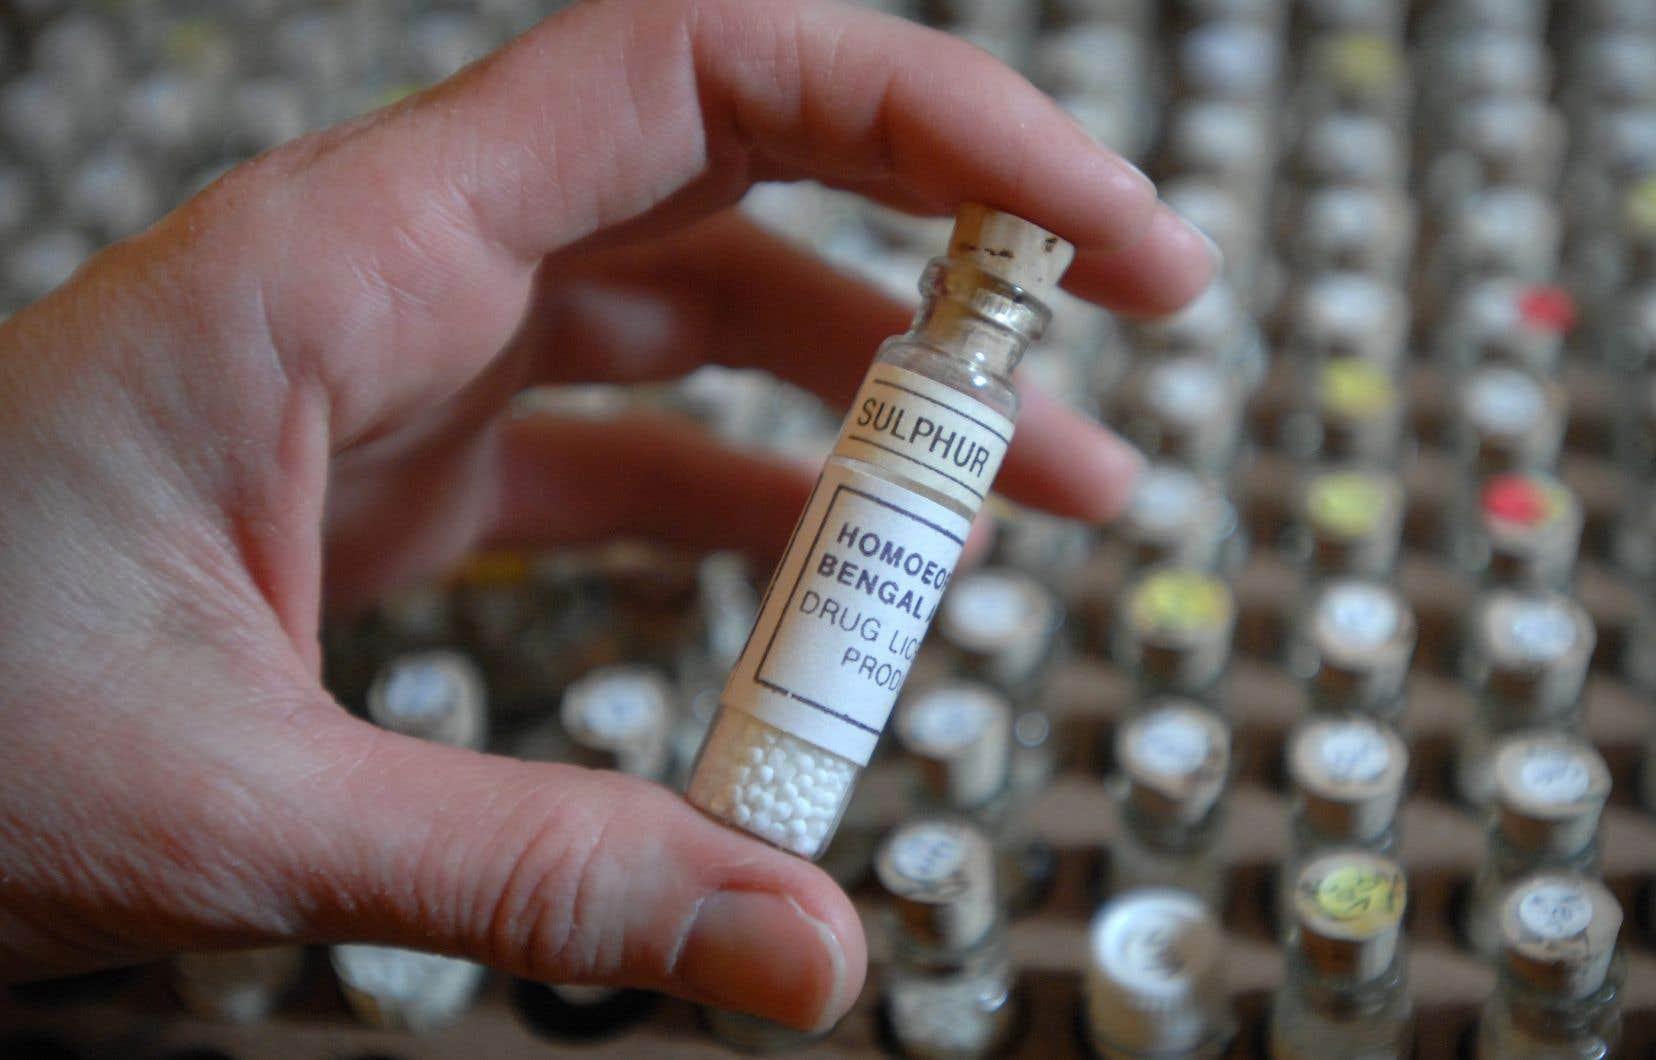 L'homéopathie, dont la pratique remonte à 1796, prétend qu'on peut soigner un mal en ingérant une faible dose d'un produit qui déclenche des symptômes similaires chez une personne en santé.